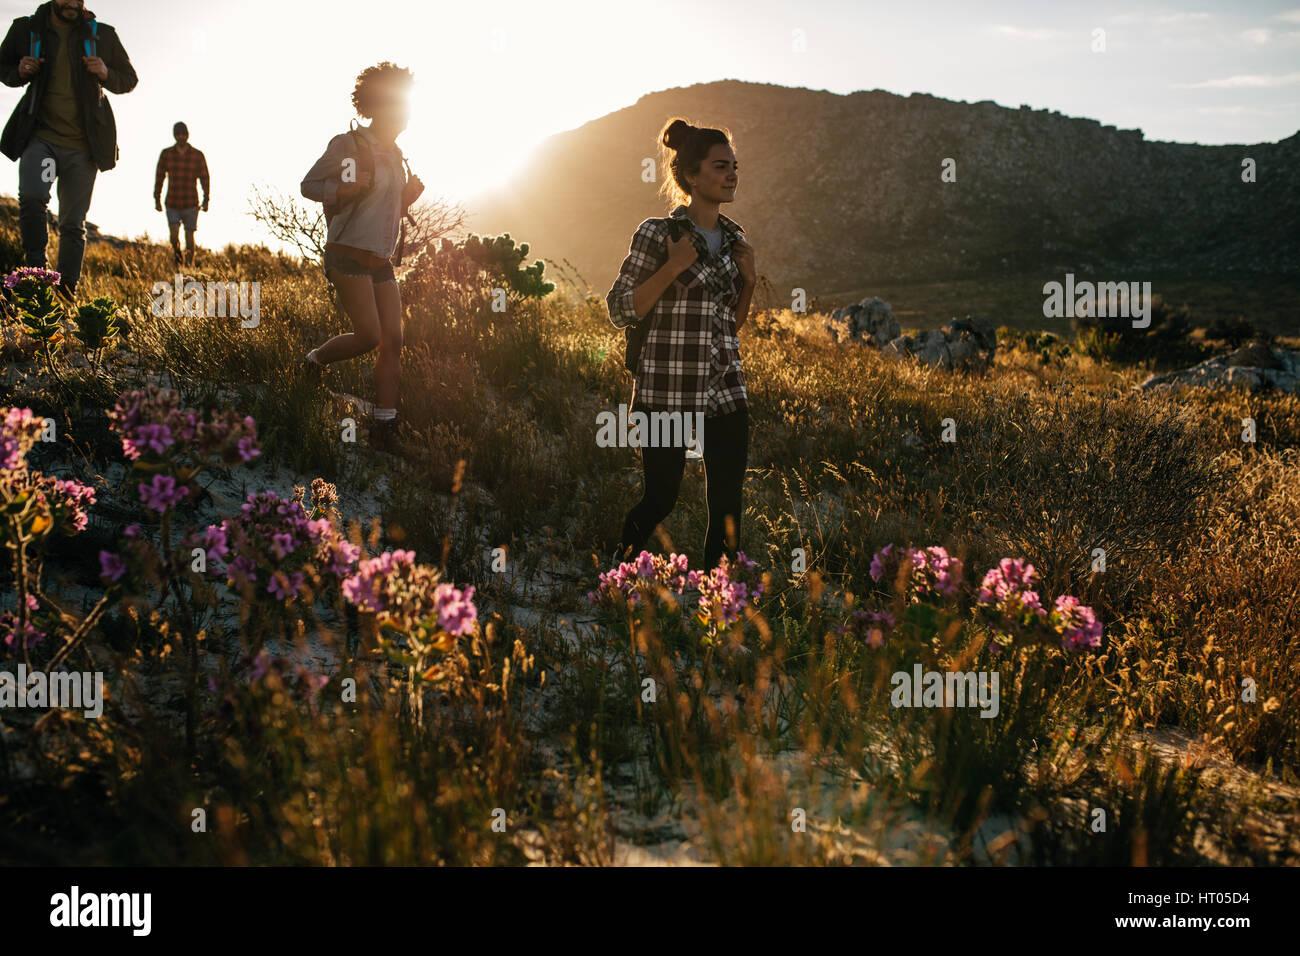 Groupe d'amis sont la randonnée en montagne sur une journée ensoleillée. Quatre jeunes gens marchant Photo Stock